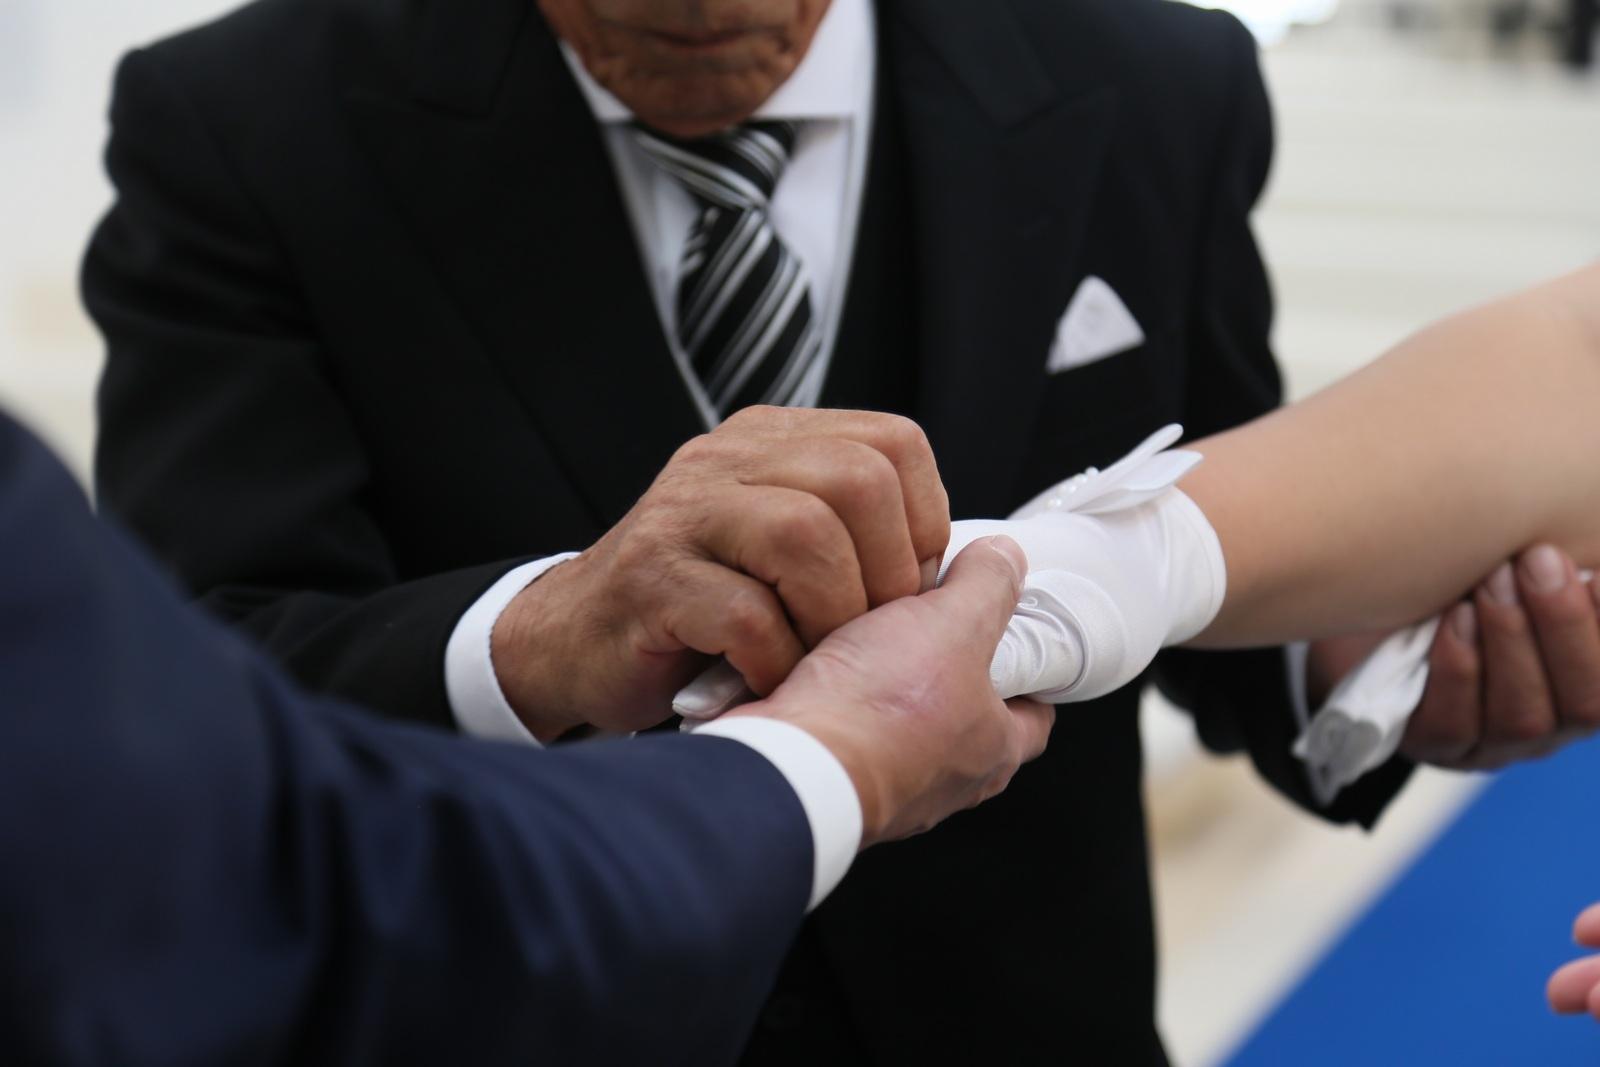 徳島市の結婚式場ブランアンジュでの挙式の新婦様の親御様から新郎様へのバトンタッチセレモニー